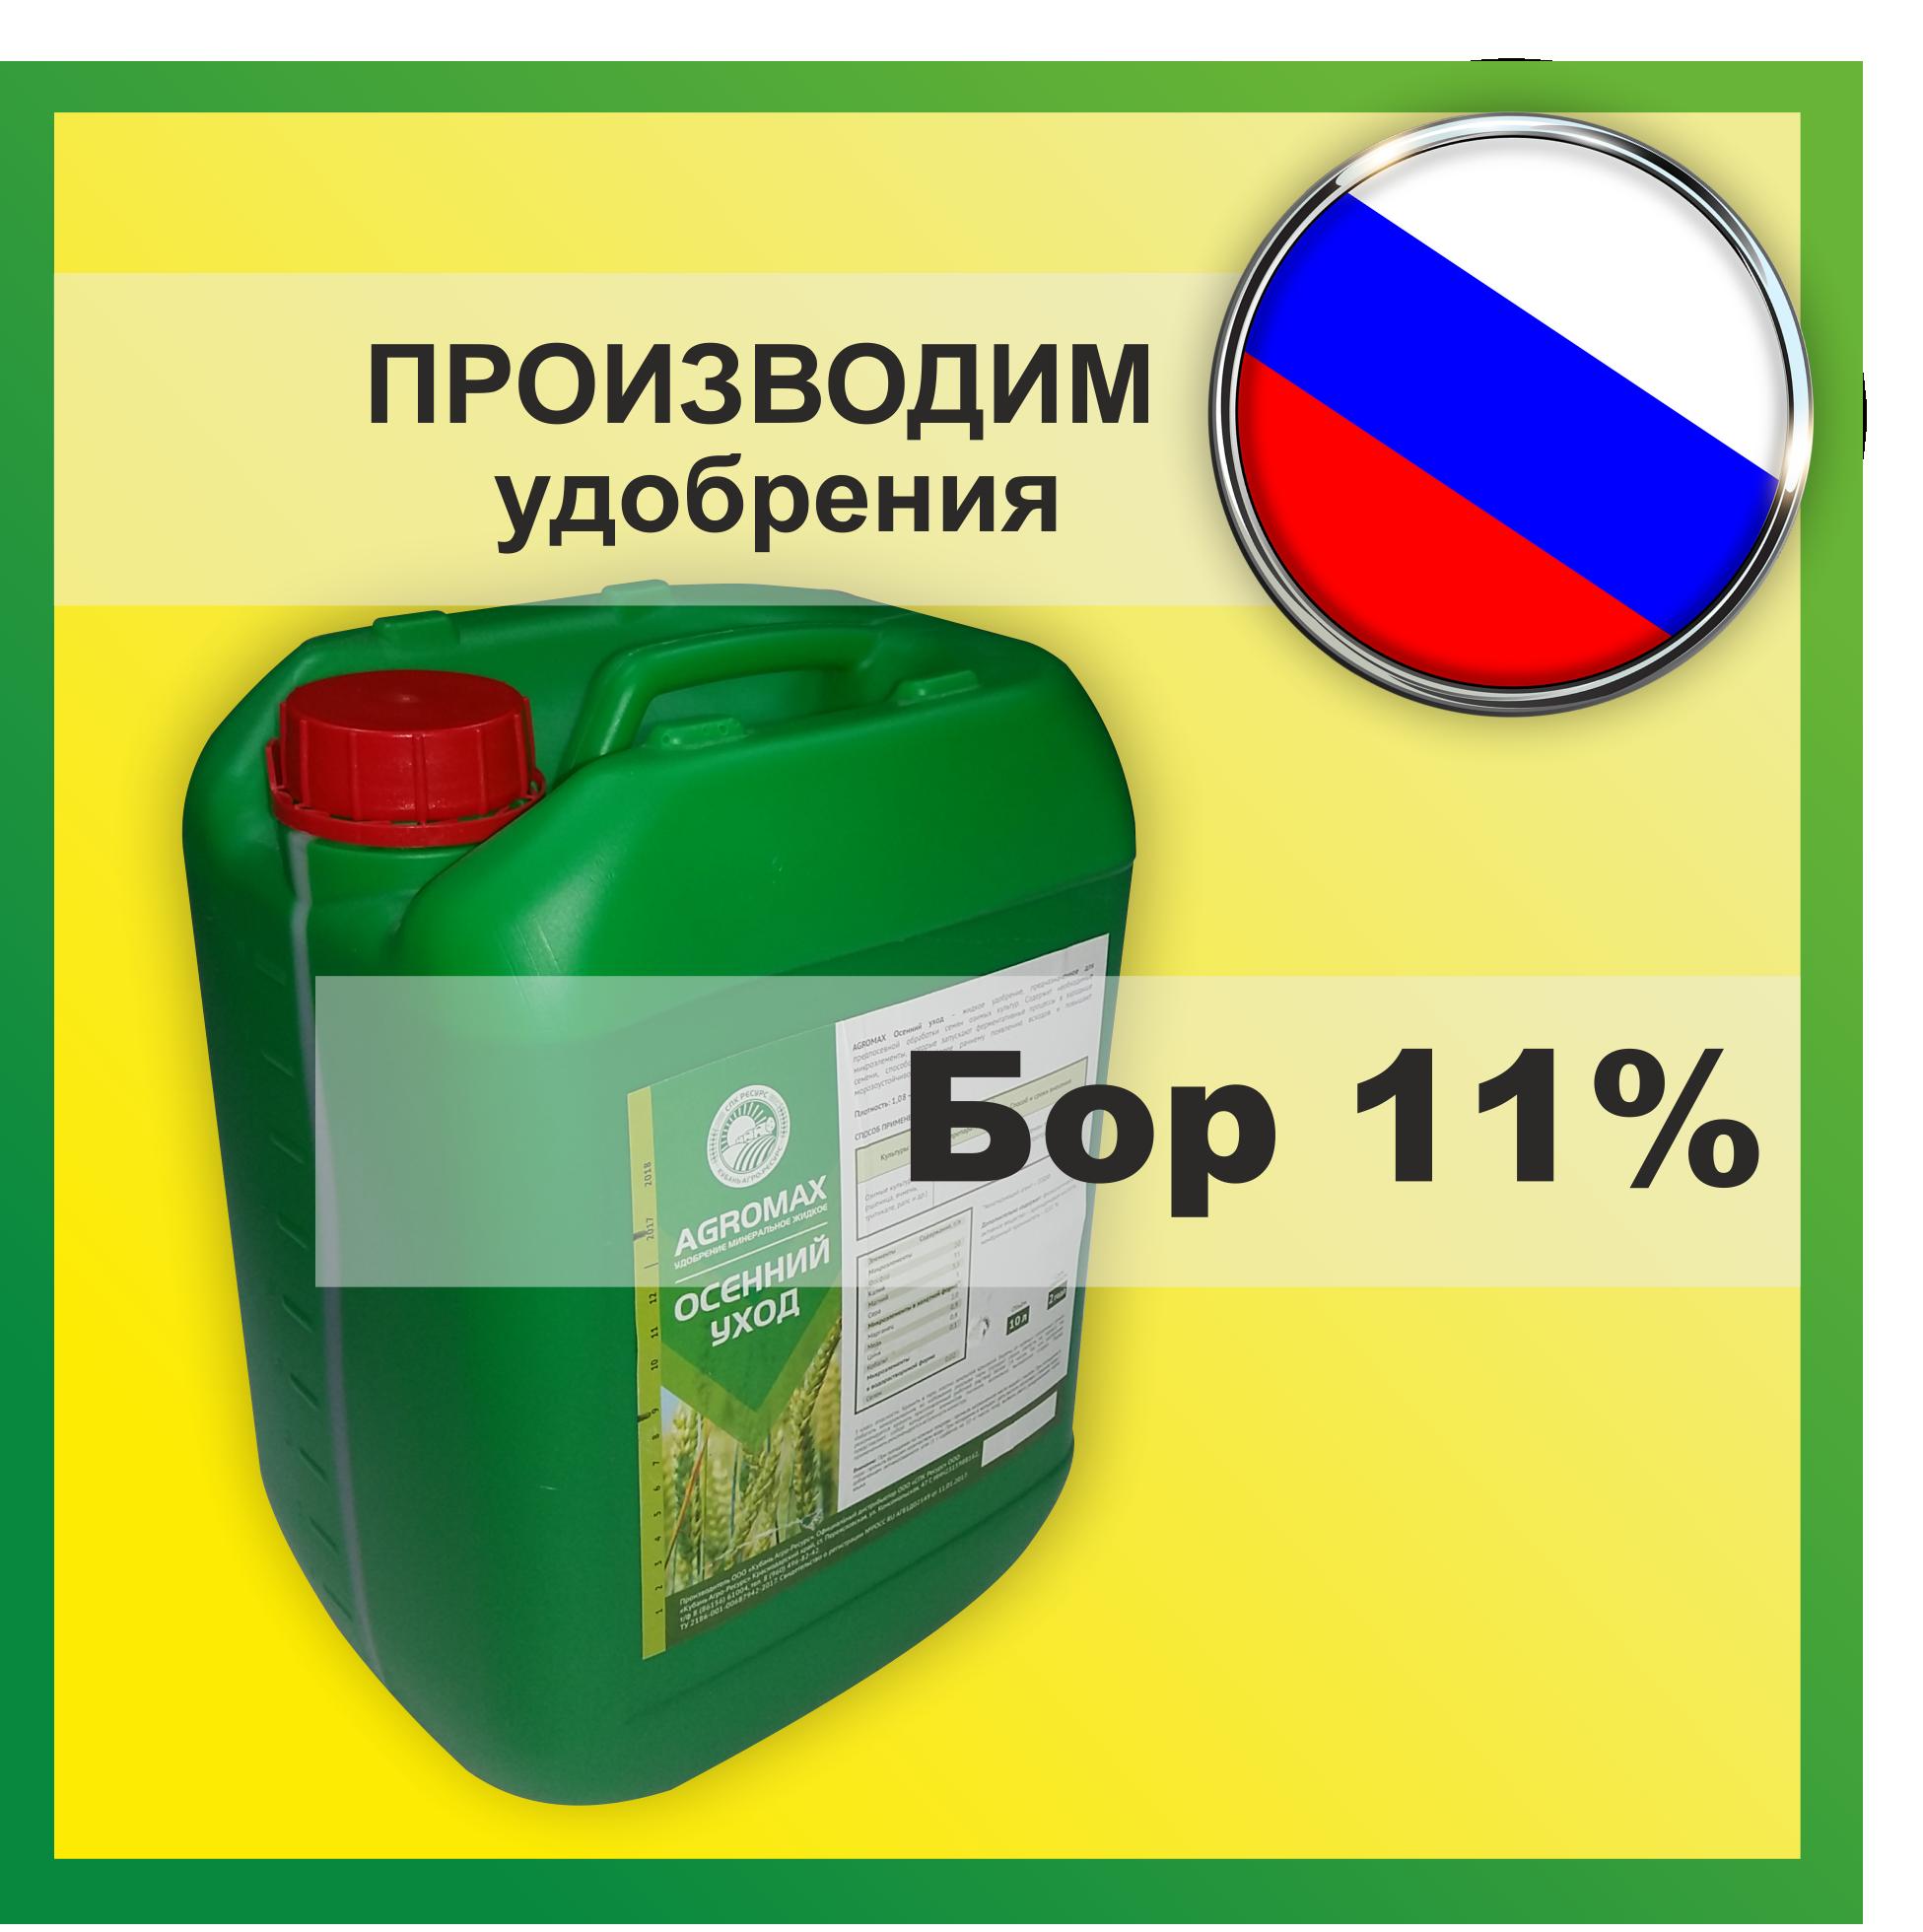 Bor-11-udobrenie-agromaks-1-1